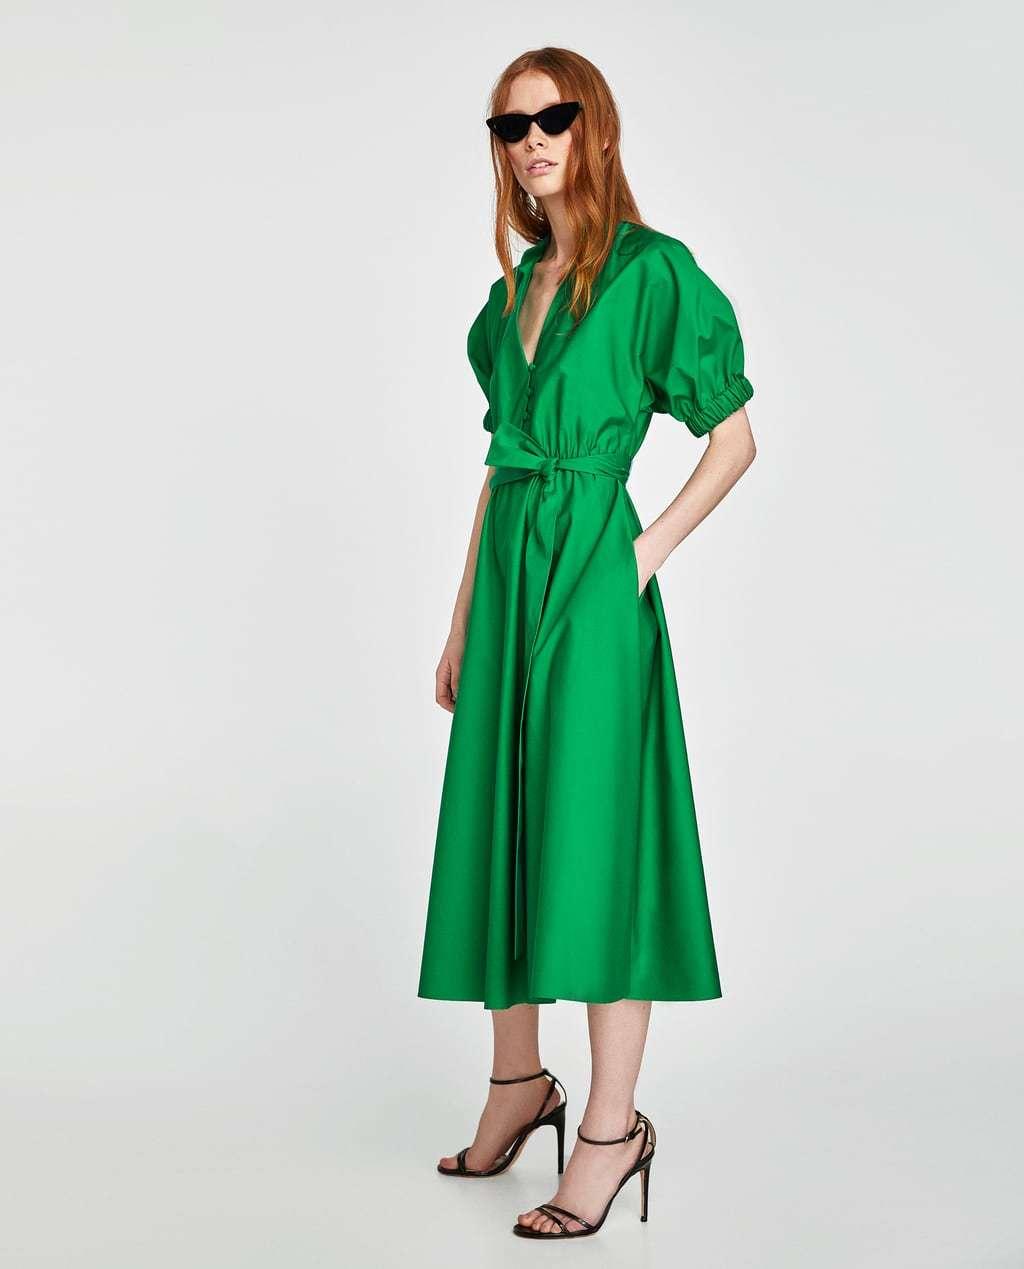 La nueva colección de Zara te trae 15 looks con los que convertirte...